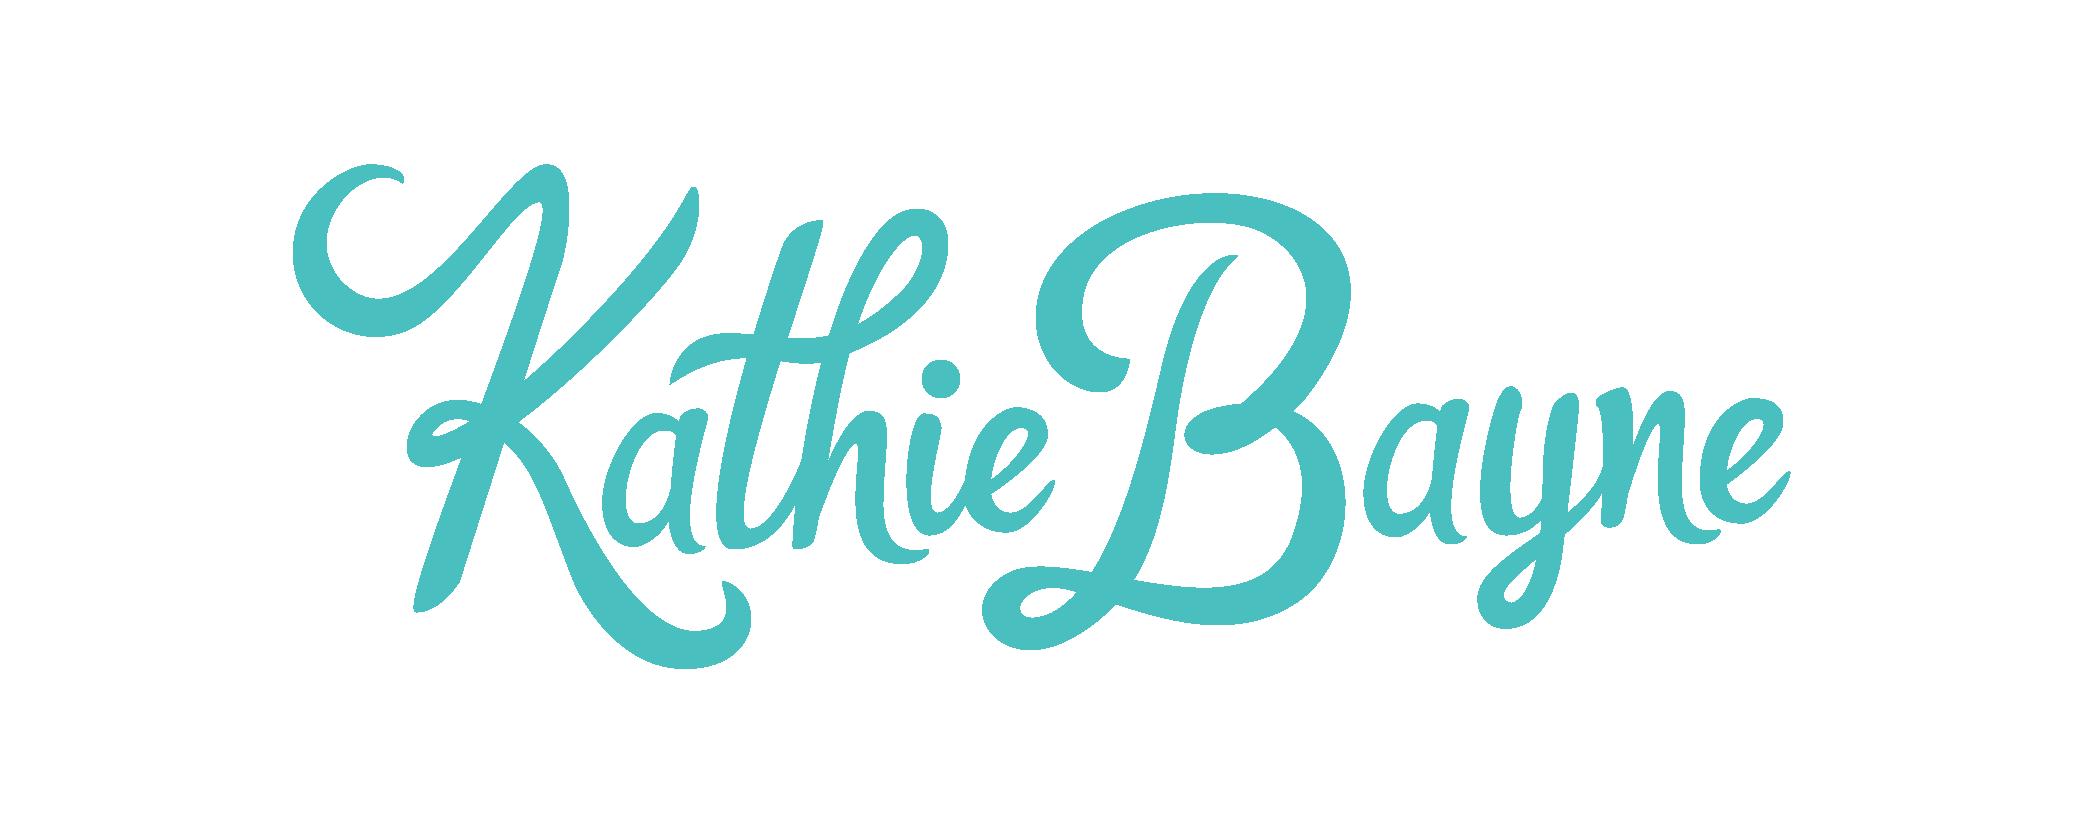 Kathie Bayne